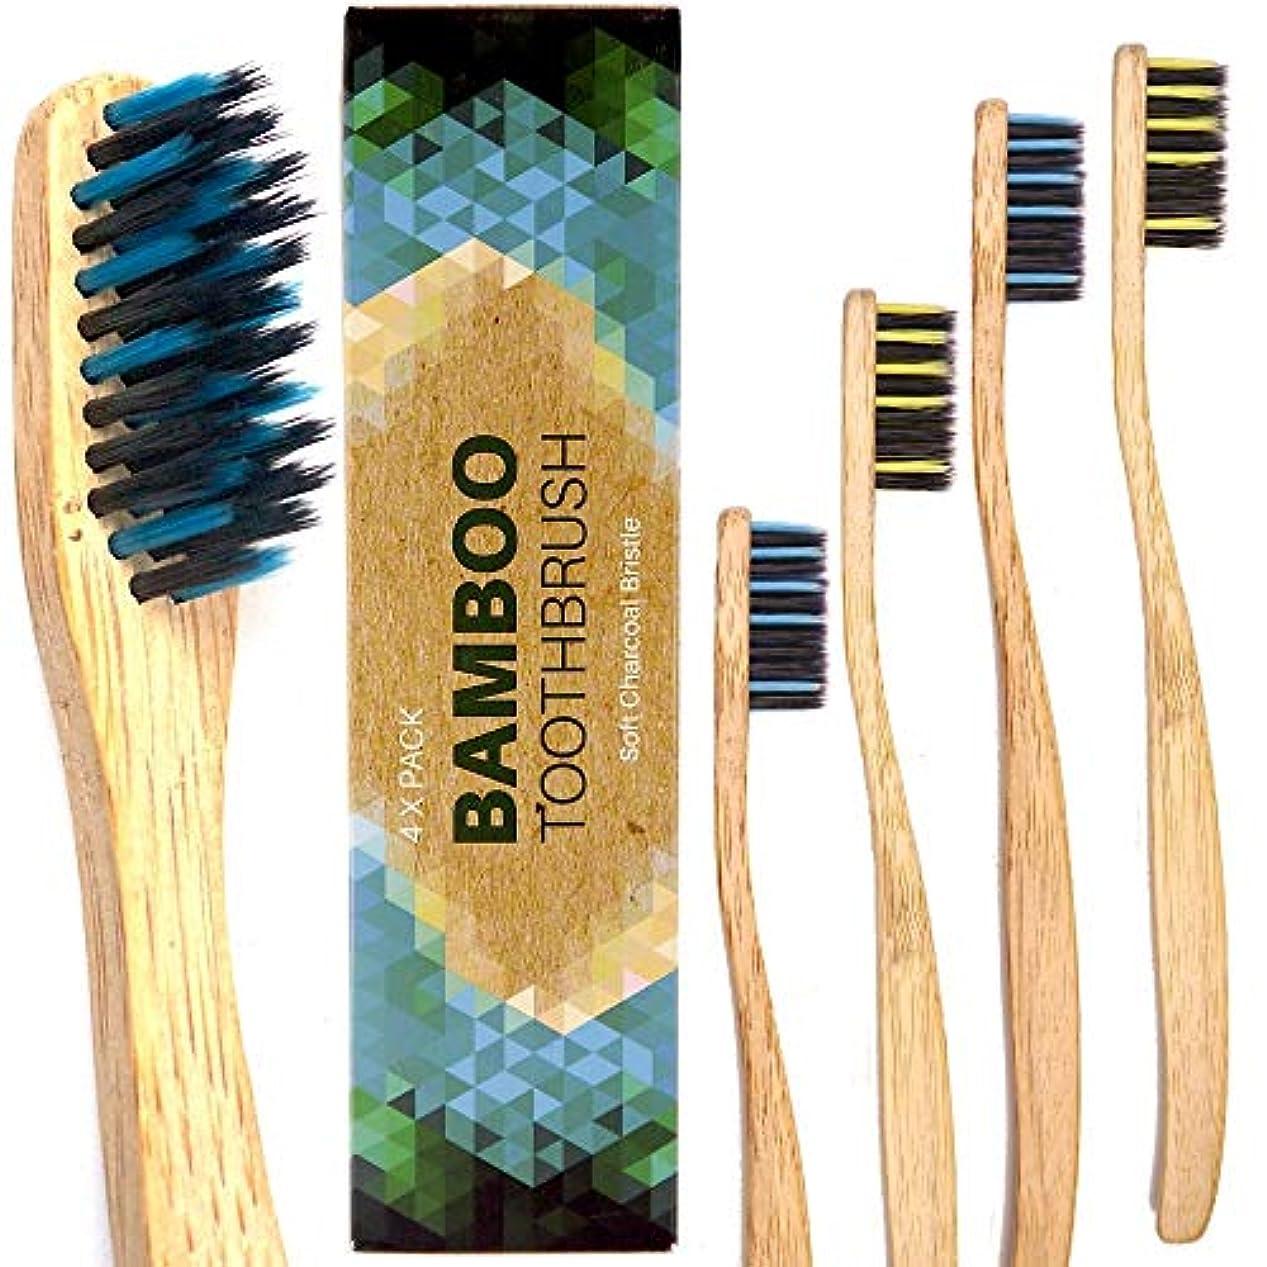 揺れる広まった牛肉竹製歯ブラシ。チャコールブリストル大人 - ミディアム及びソフト、生分解性、ビーガン、バイオ、エコ、持続可能な木製ハンドル4本パック4 Bamboo Toothbrushes, ホワイトニング 歯, ドイツの品質, 竹歯ブラシ